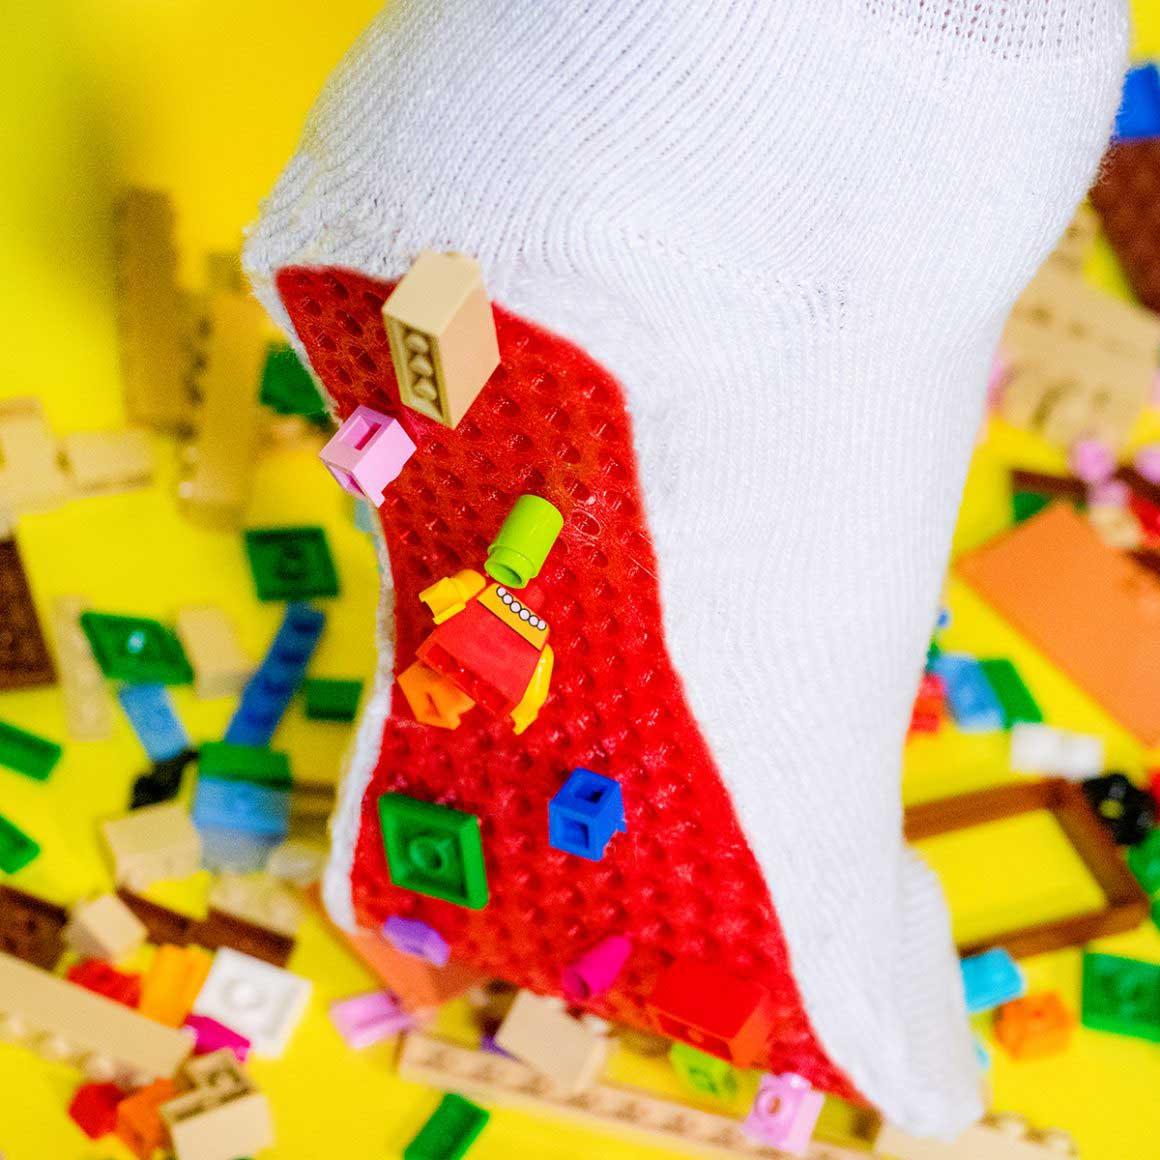 op Lego staan